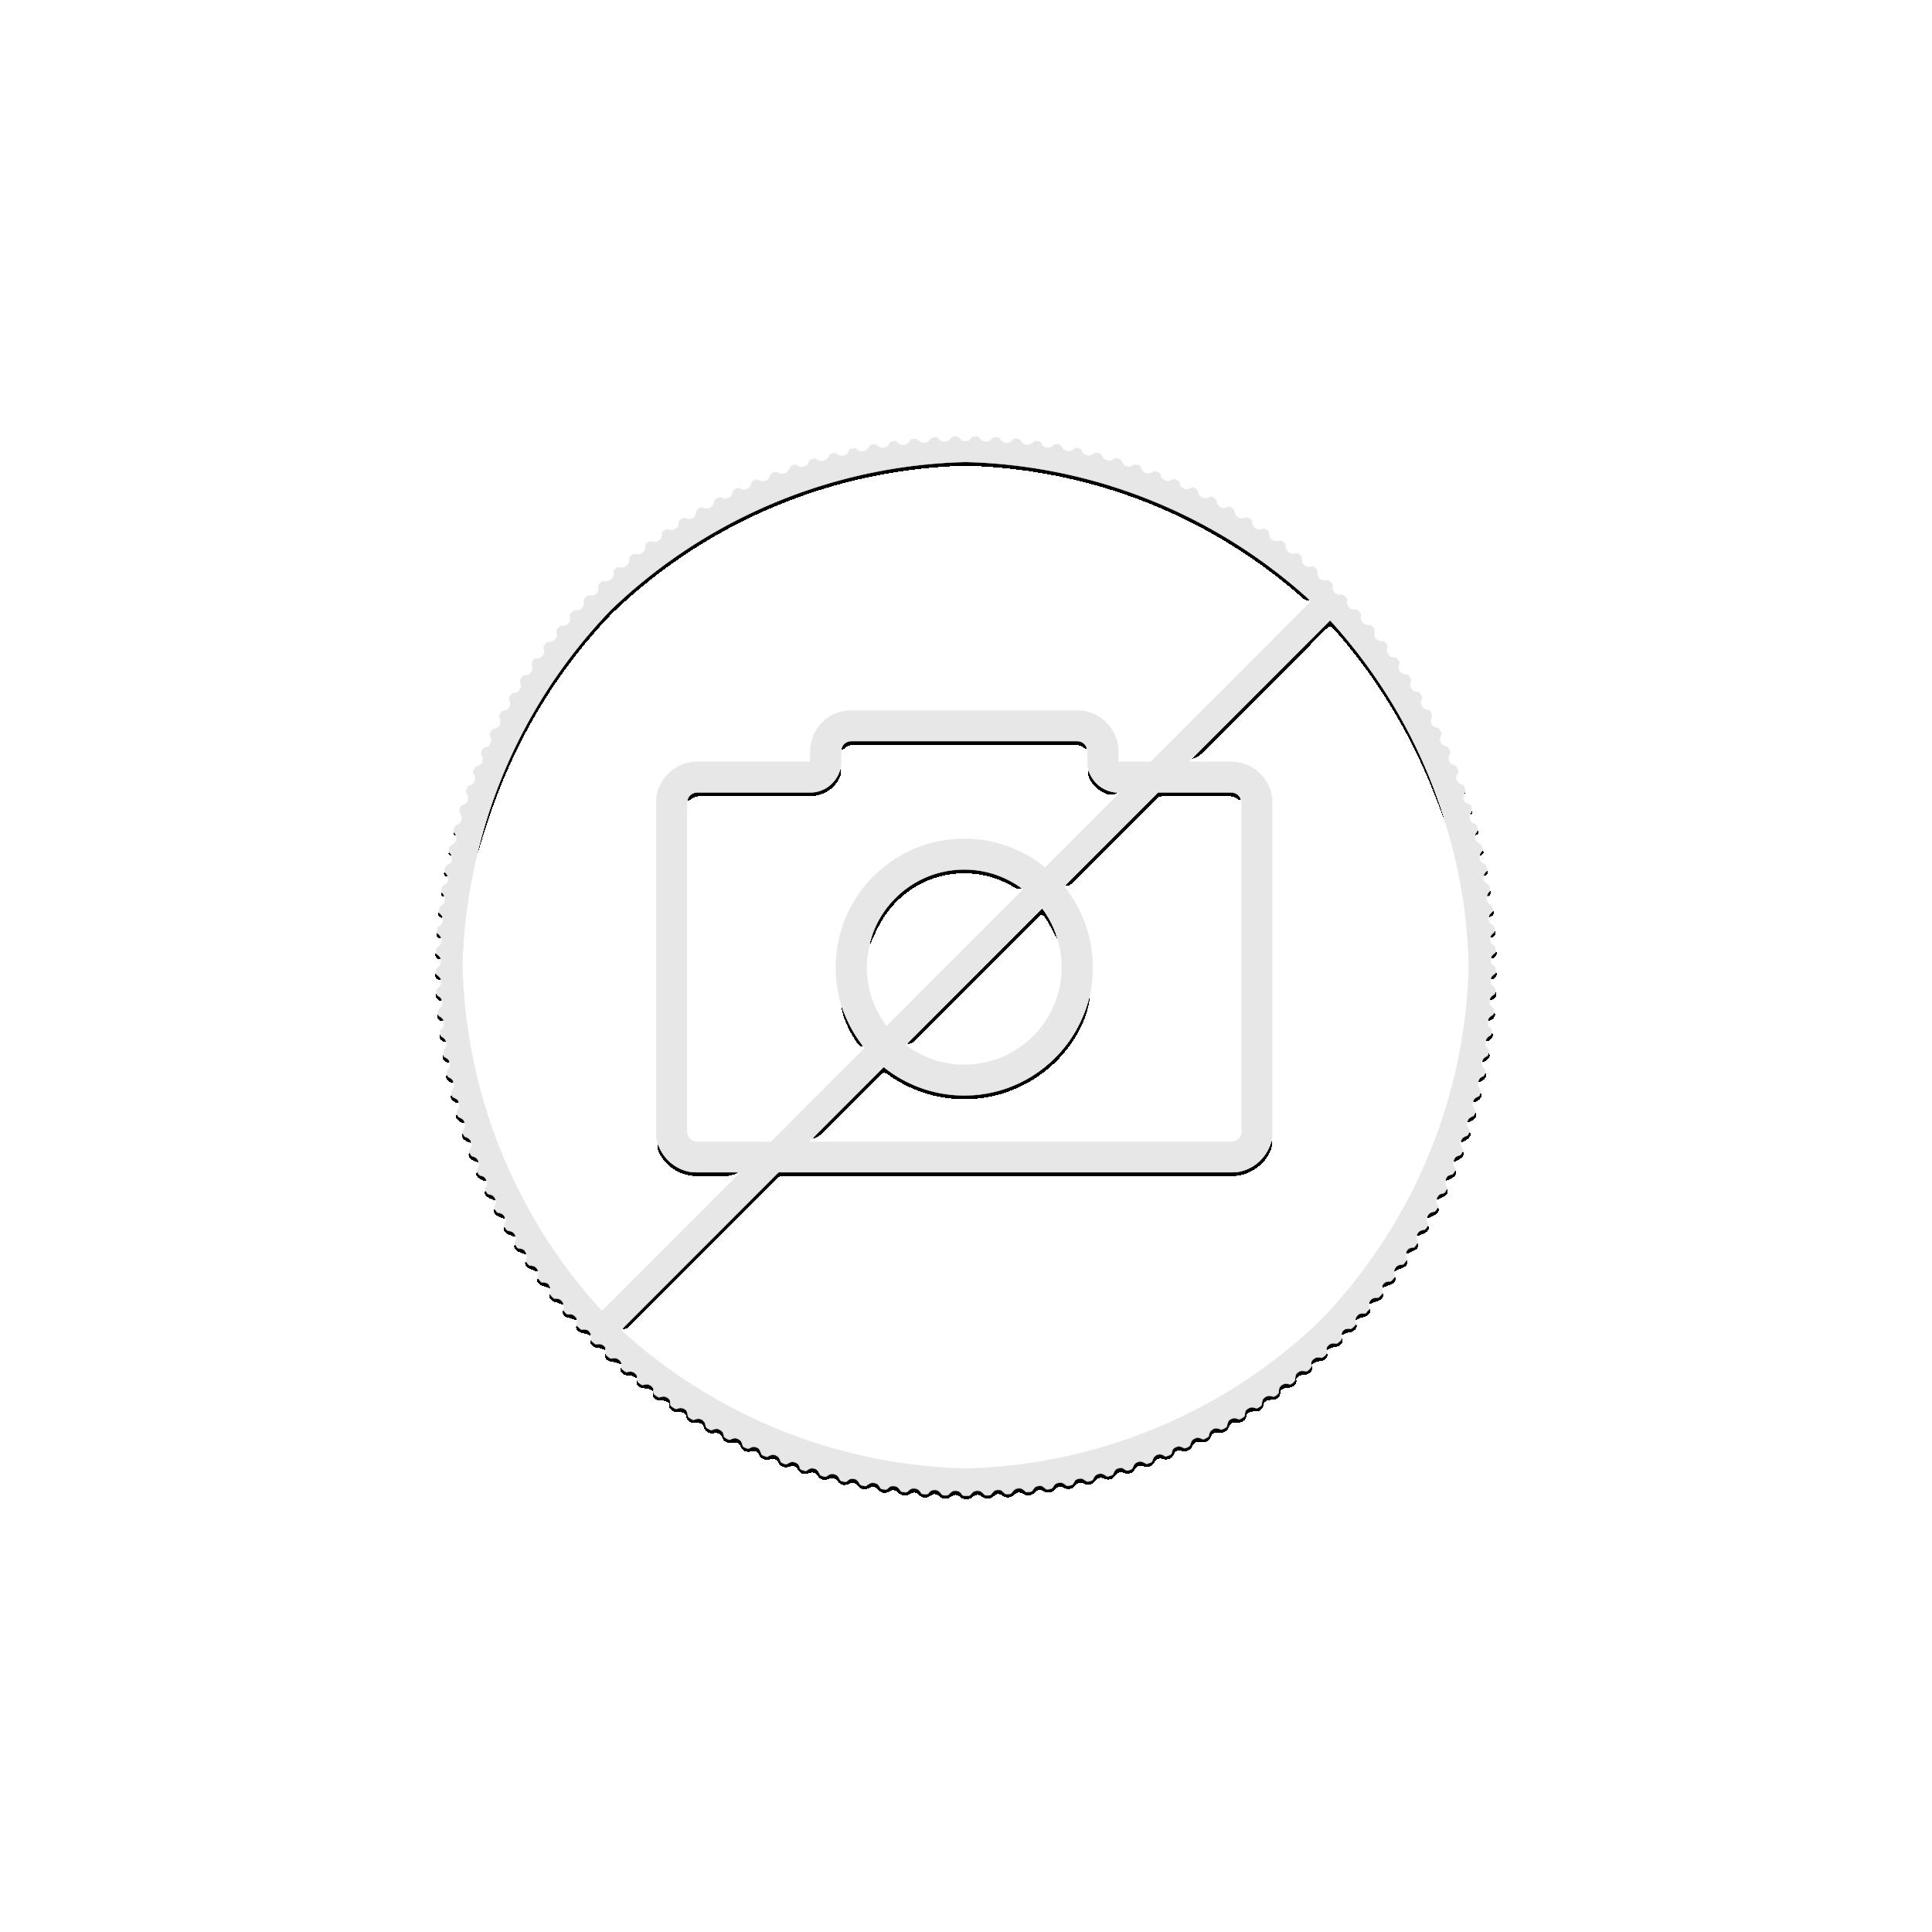 Zilveren munt ijsberen 2020 - o Canada serie - achterkant